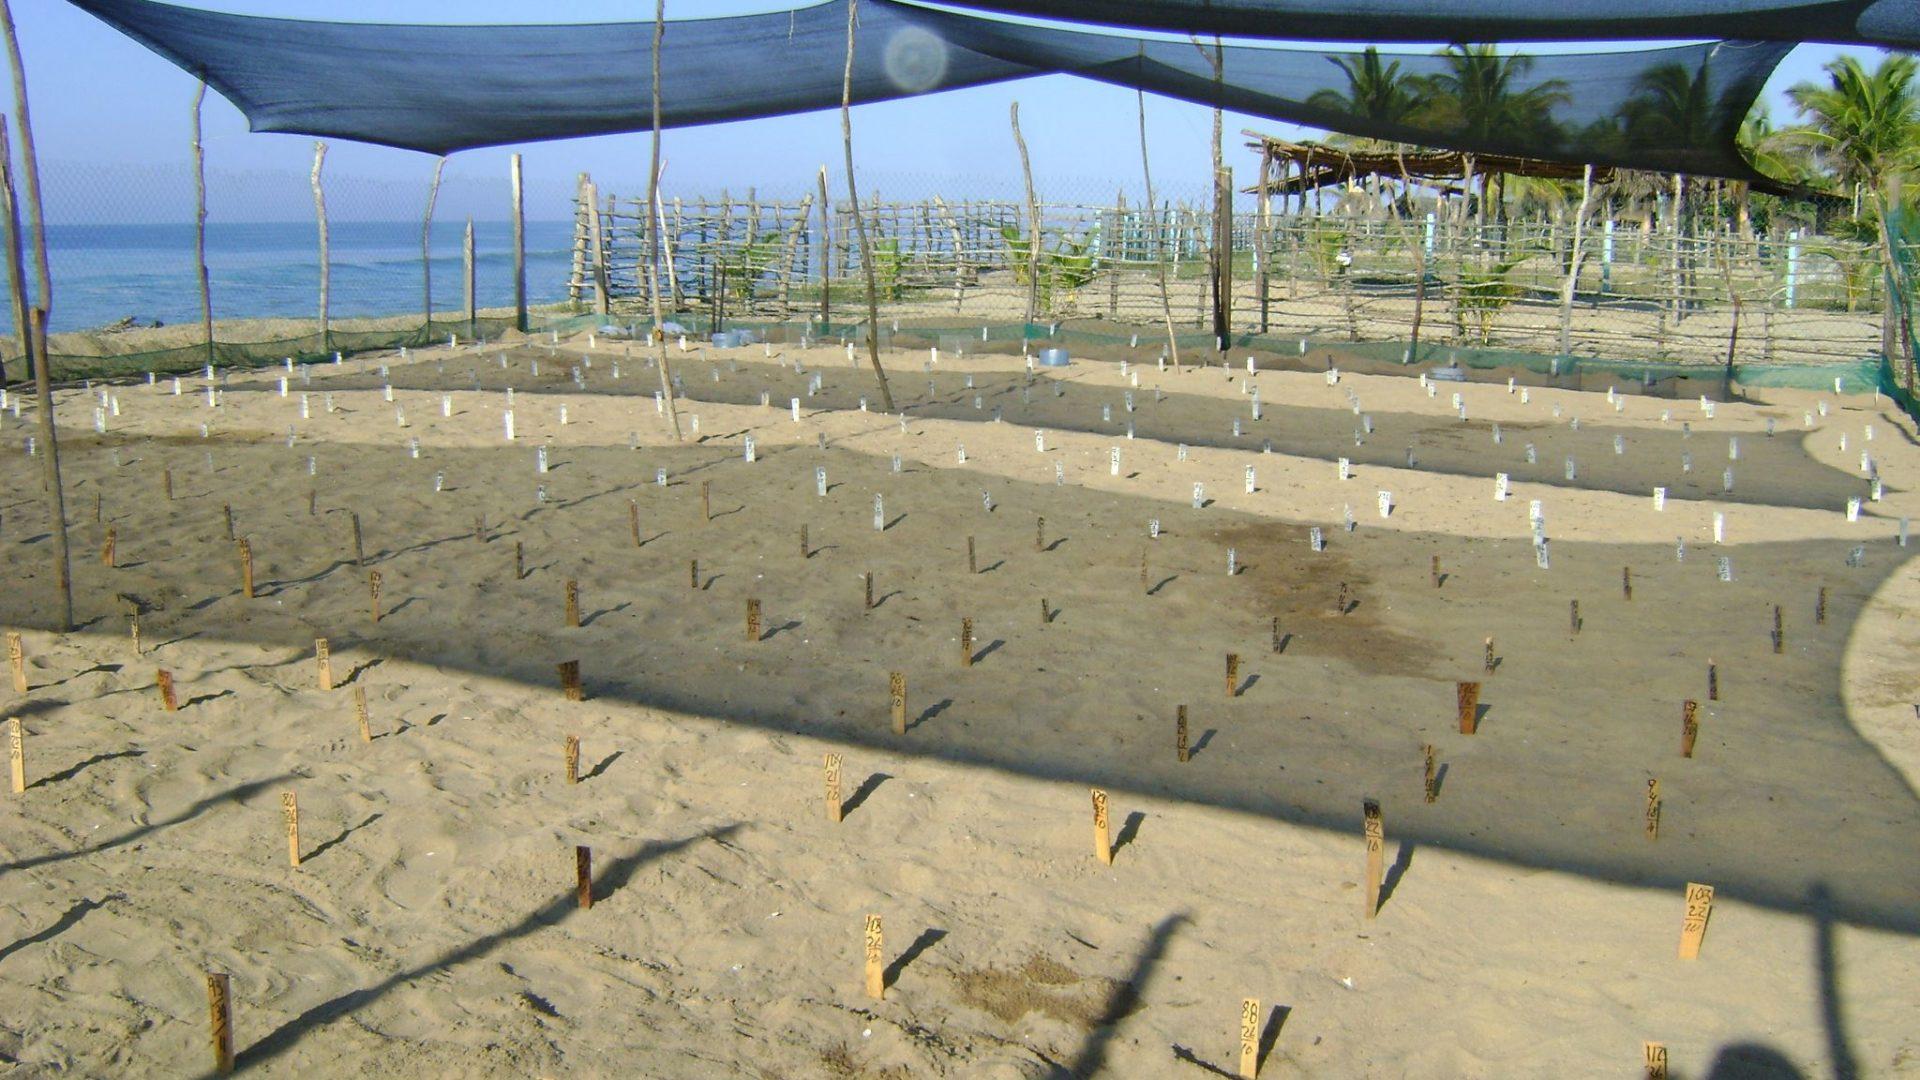 Vivero del Campamento Tortuguero Los Quelonios. Nursery of Turtle camp Los Quelonios. Playa Ventura, Copala. Guerrero, Mexico.